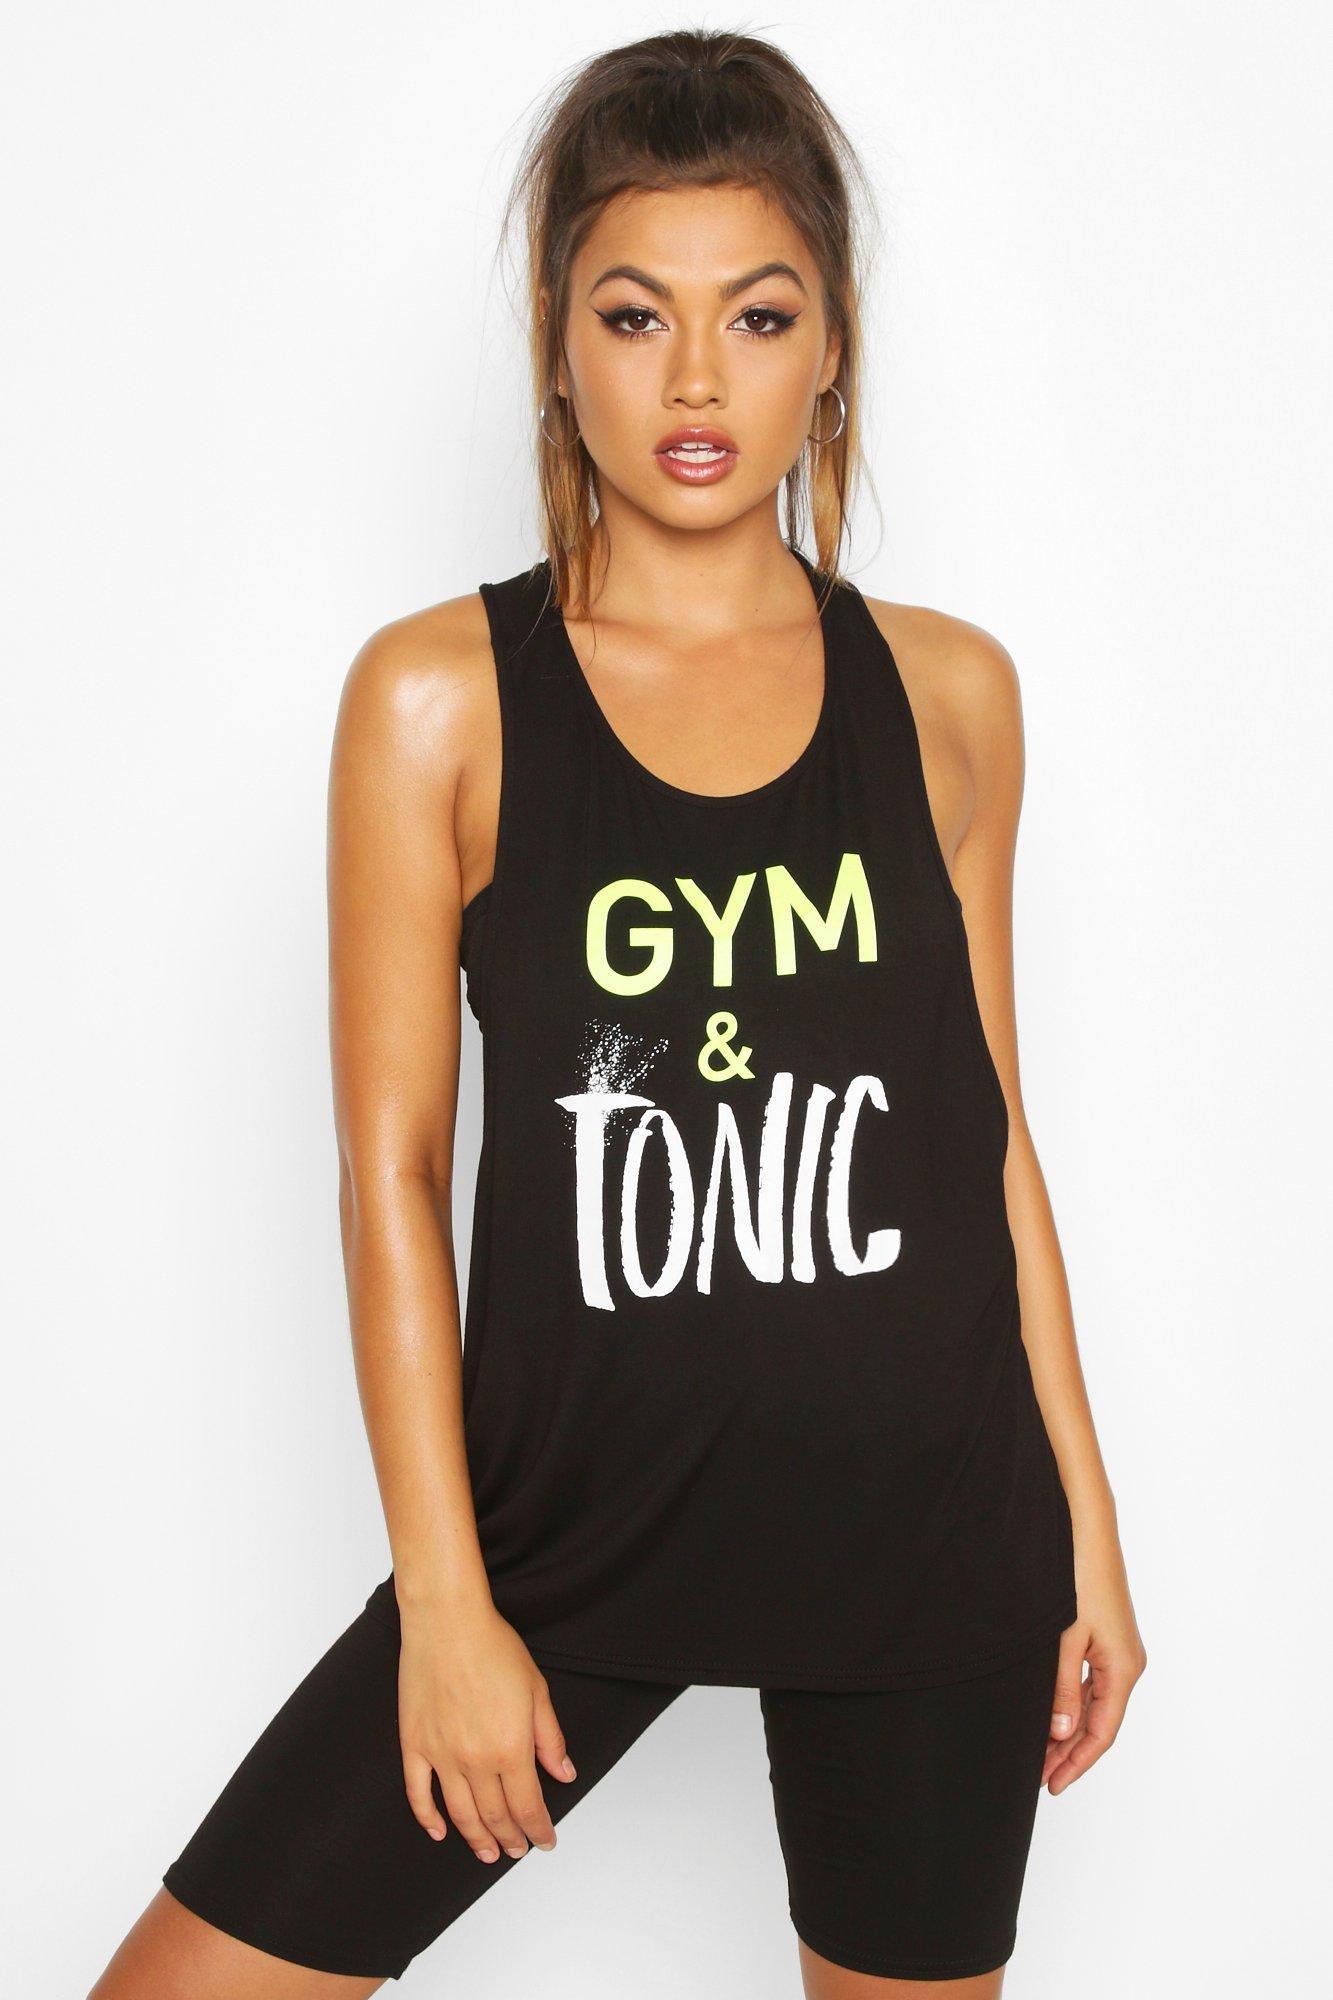 Gym Wear Fit Gym & Tonic Slogan Vest